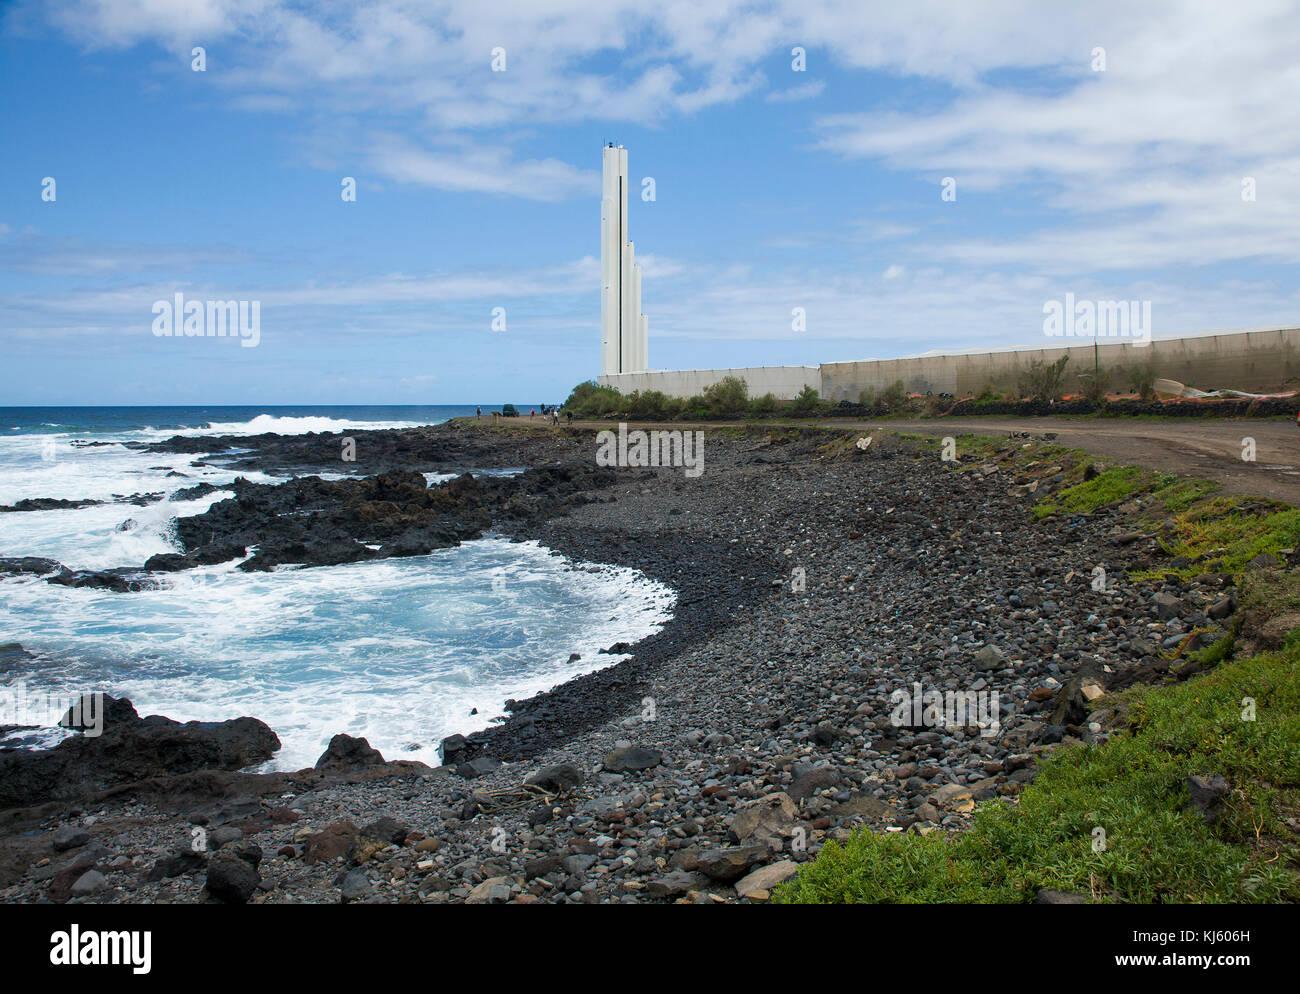 Faro de Punta del Hidalgo, futuristico faro di Punta del Hidalgo, a nord di isola, isola di Tenerife, Isole canarie, Immagini Stock